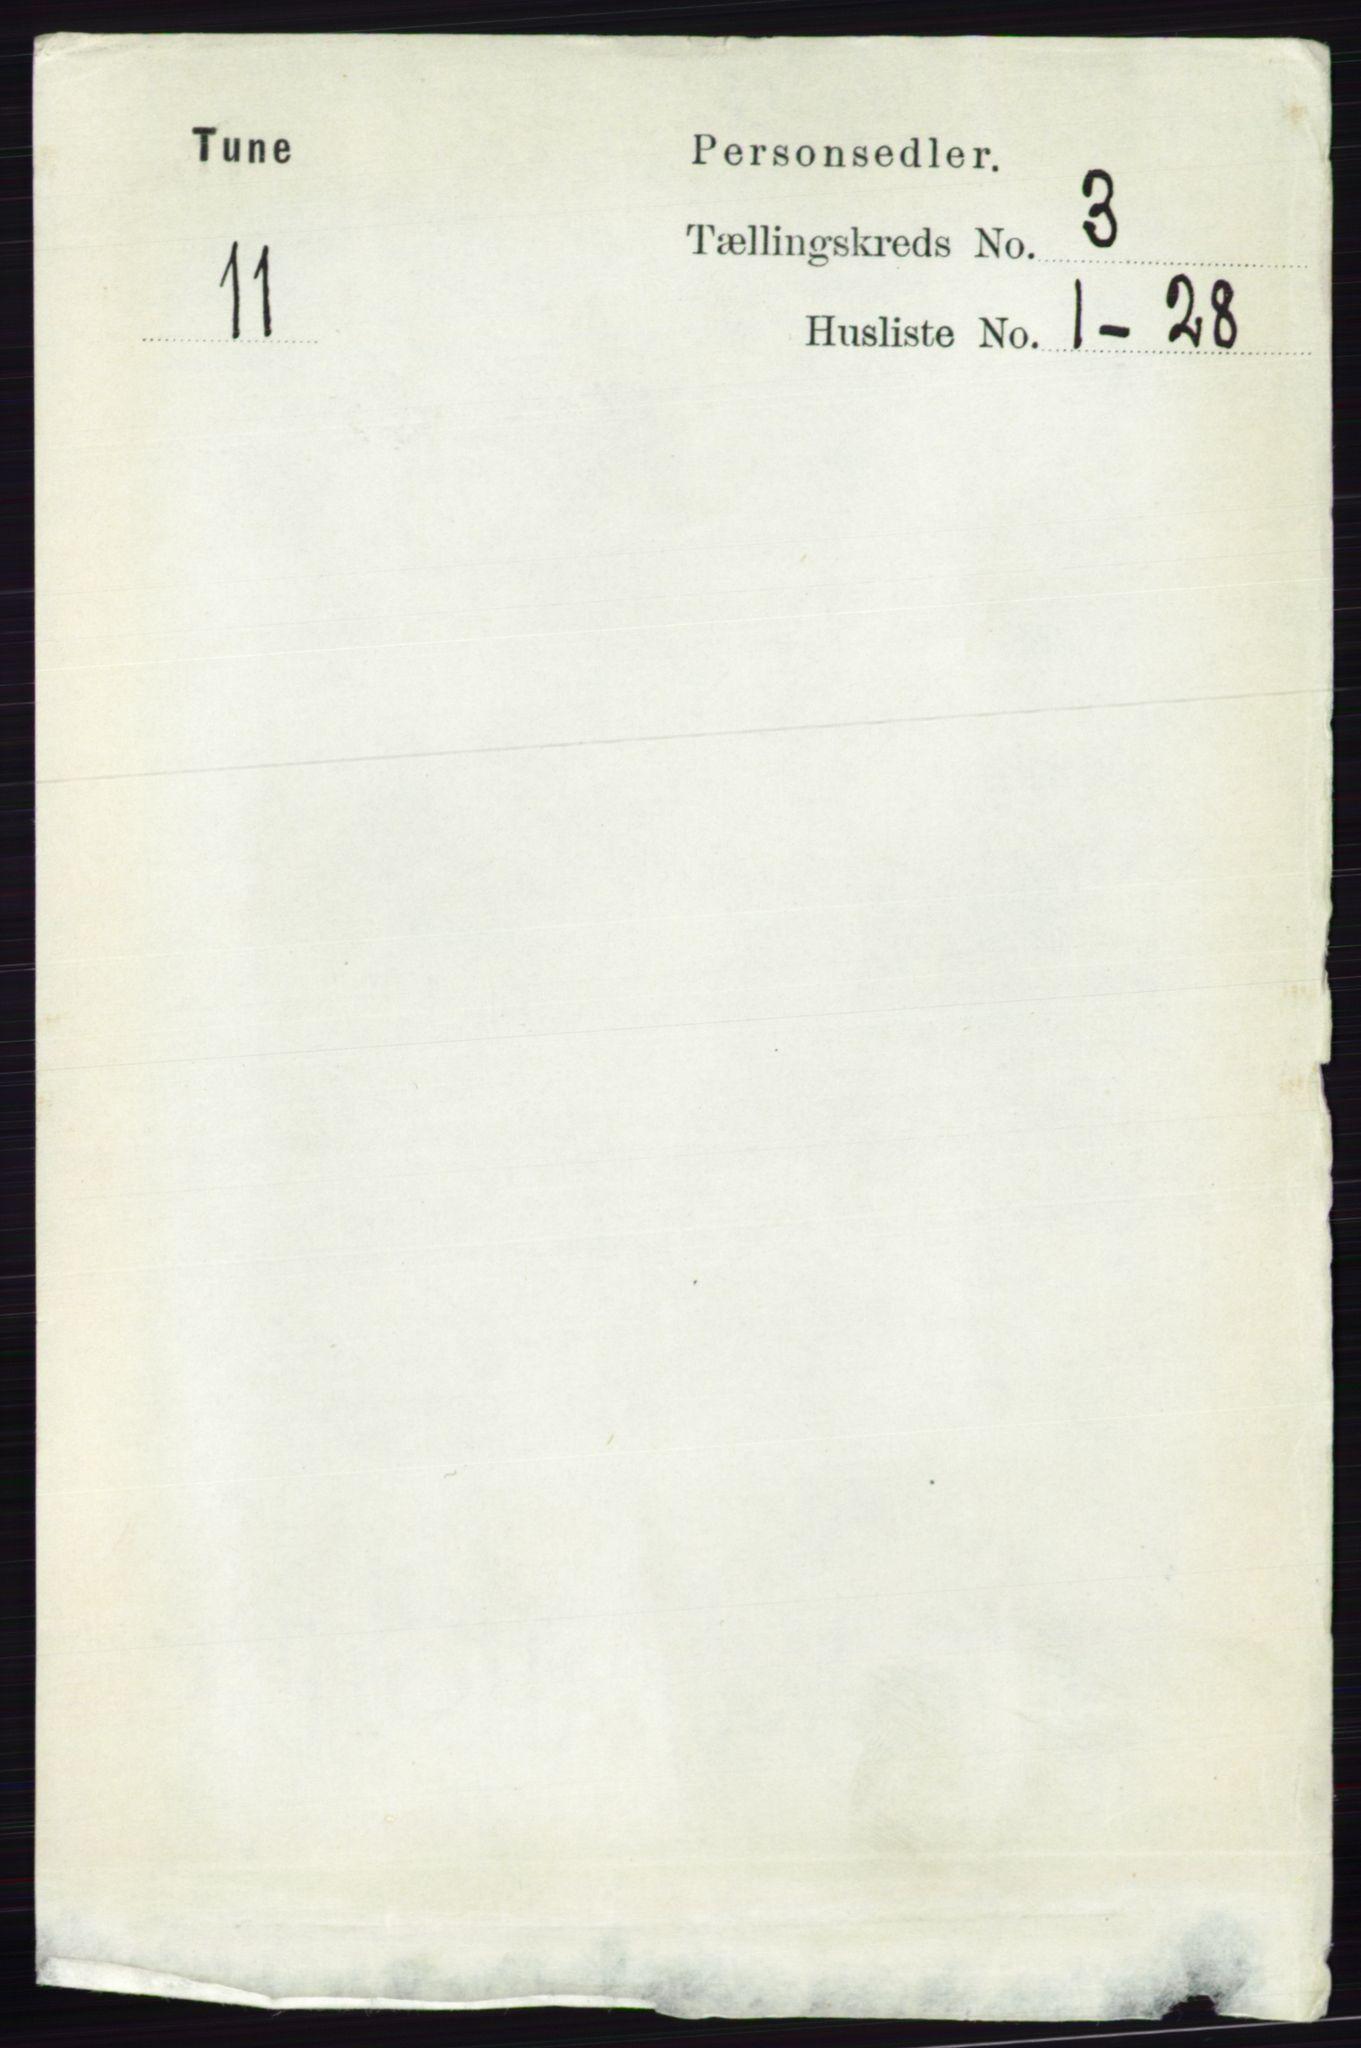 RA, Folketelling 1891 for 0130 Tune herred, 1891, s. 1484